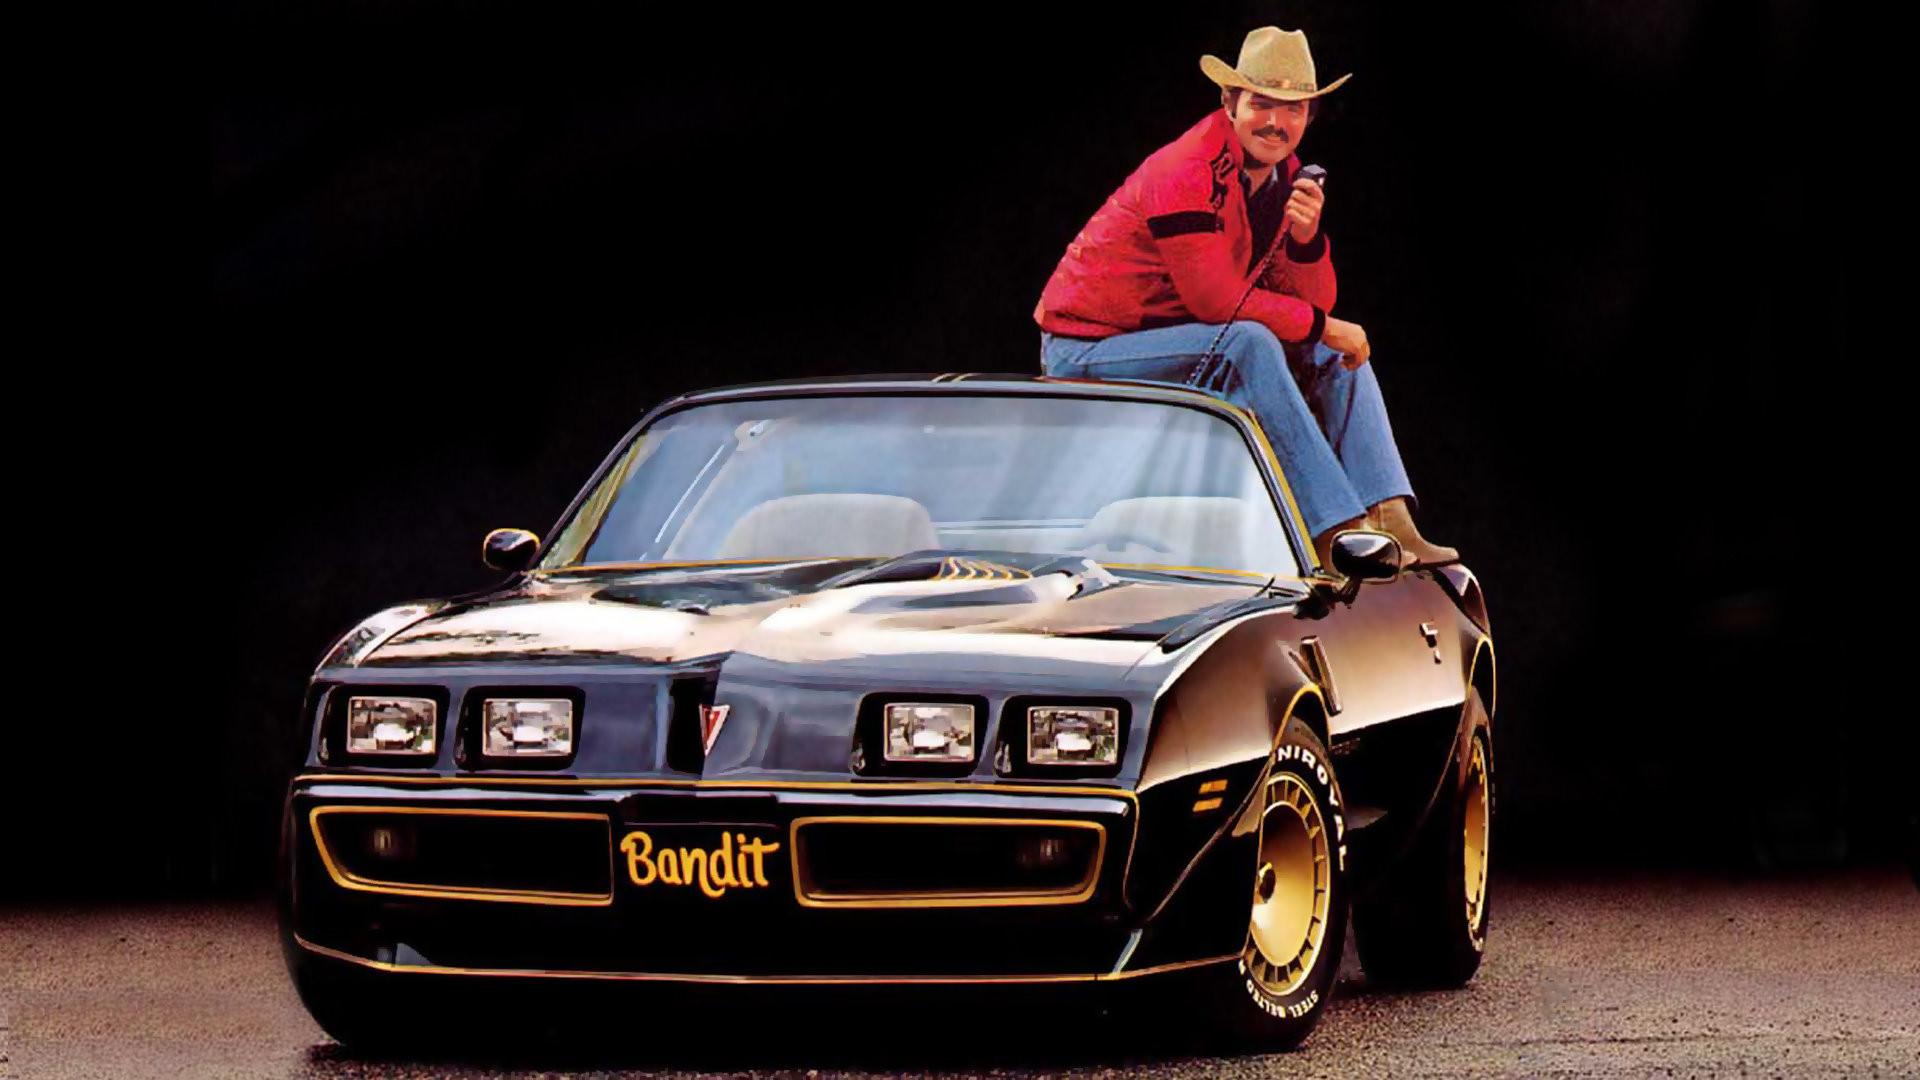 Smokey, a Bandita